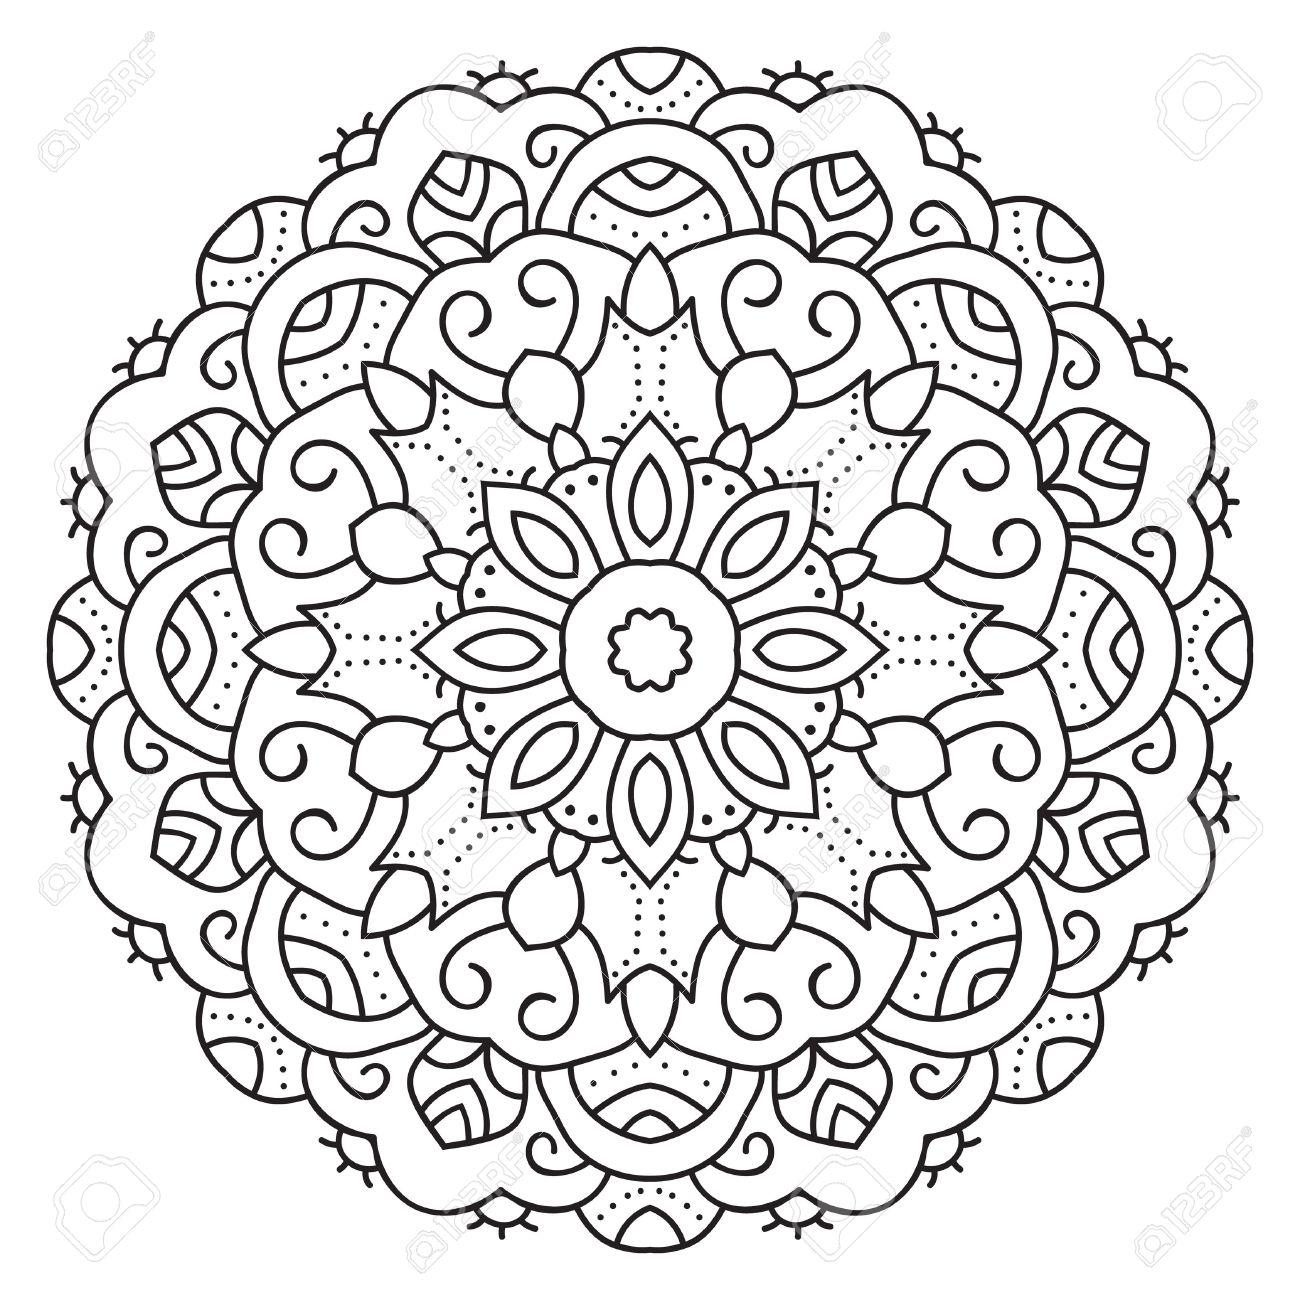 Symmetrische Kreisformigen Muster Mandala Dekorative Orientalische Muster Malvorlage Fur Erwachsene Lizenzfrei Nutzbare Vektorgrafiken Clip Arts Illustrationen Image 54307019